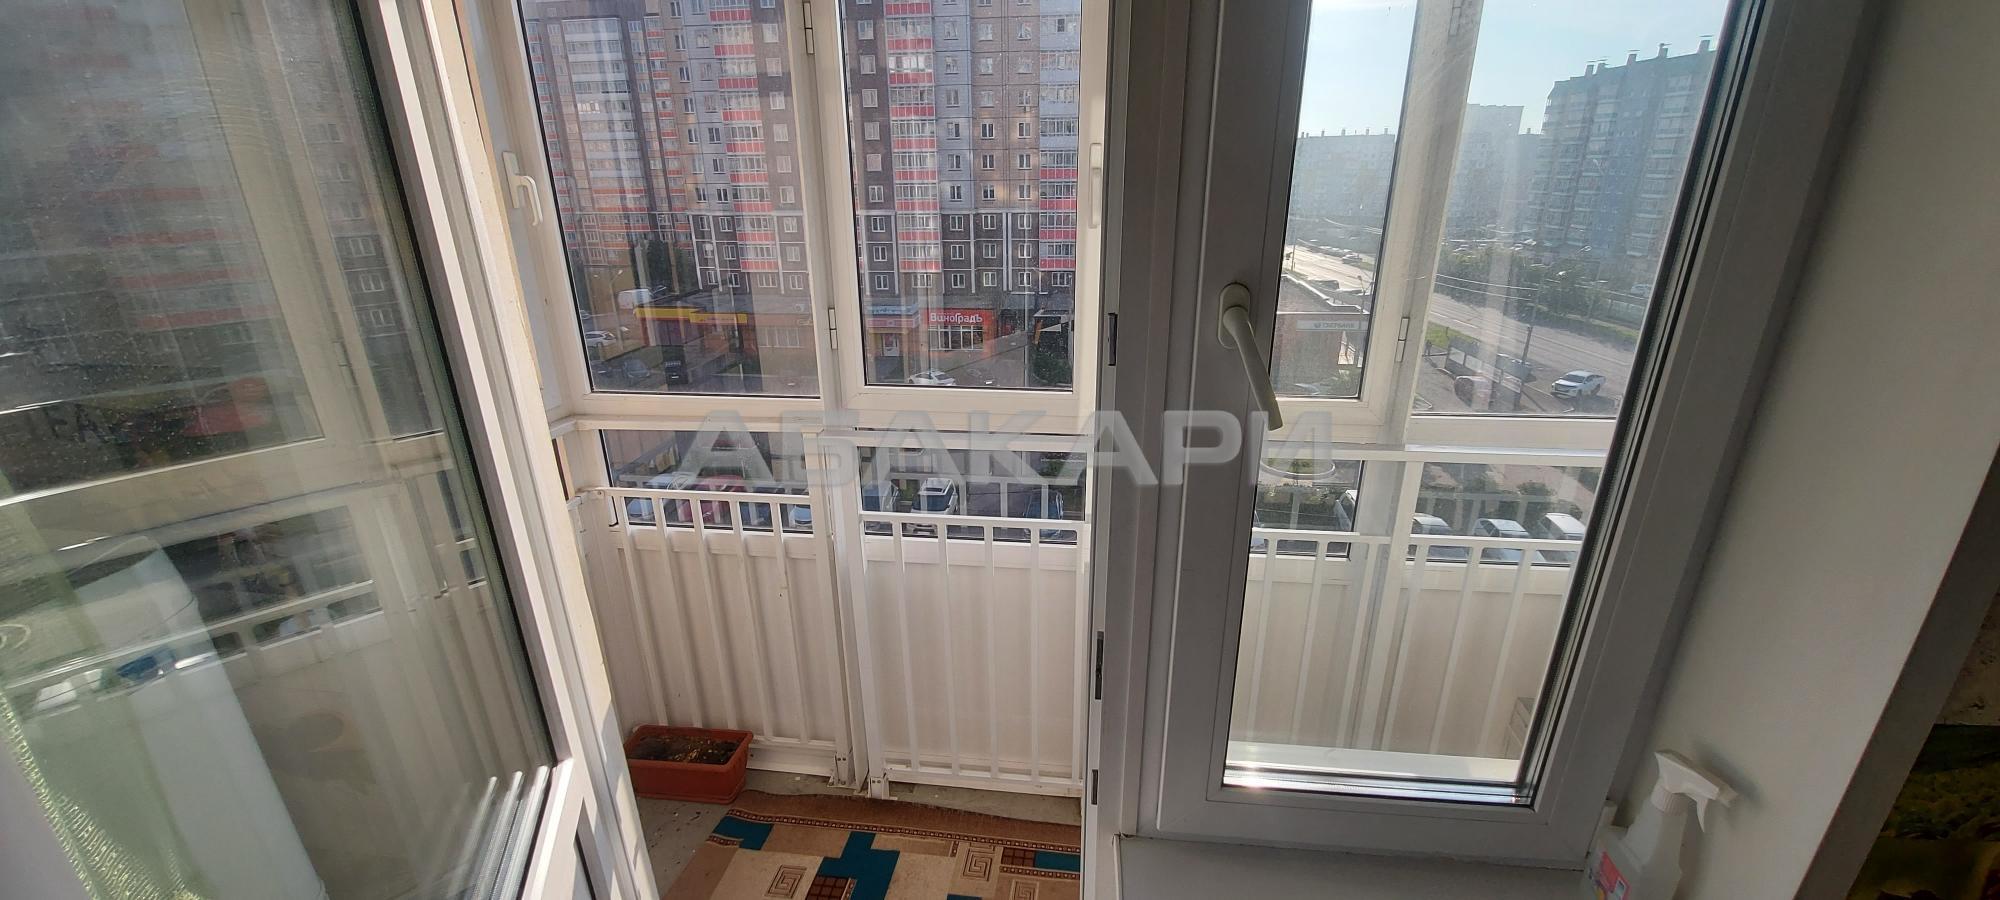 2к квартира улица Дмитрия Мартынова, д. 22 | 25000 | аренда в Красноярске фото 5